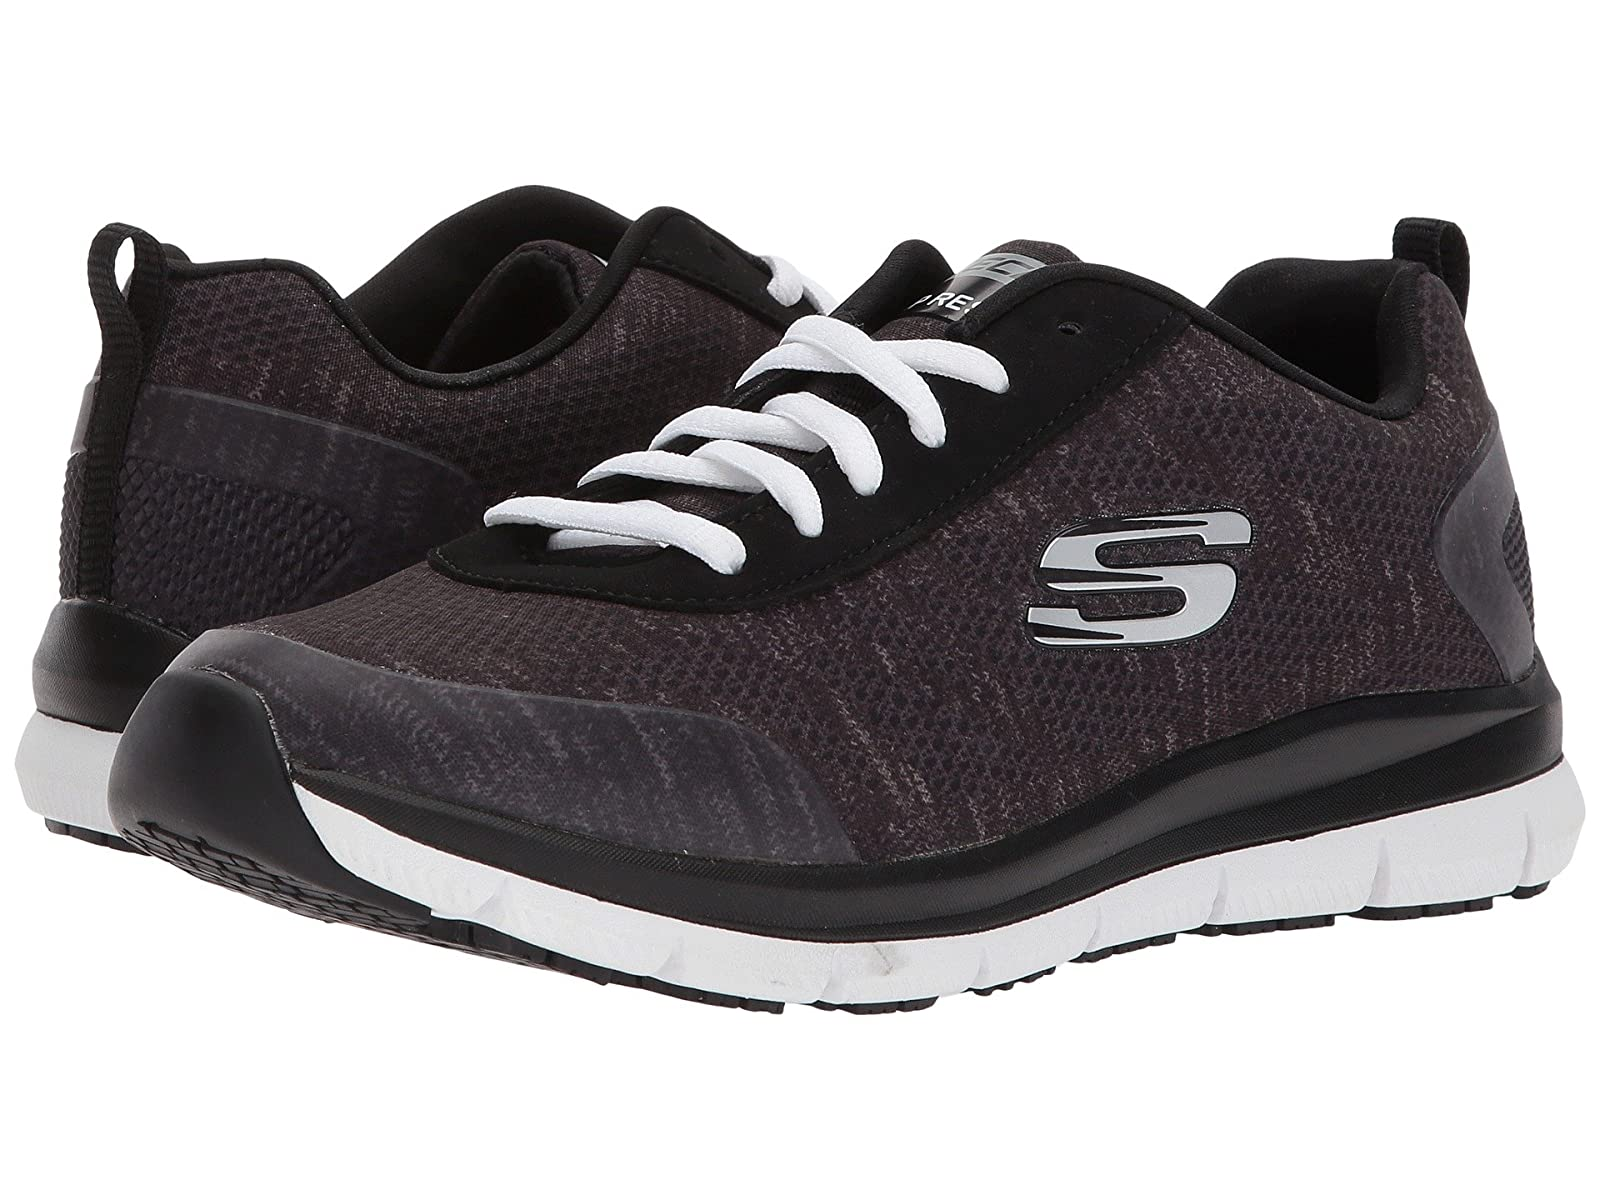 SKECHERS Work Comfort Flex SR - HCAtmospheric grades have affordable shoes